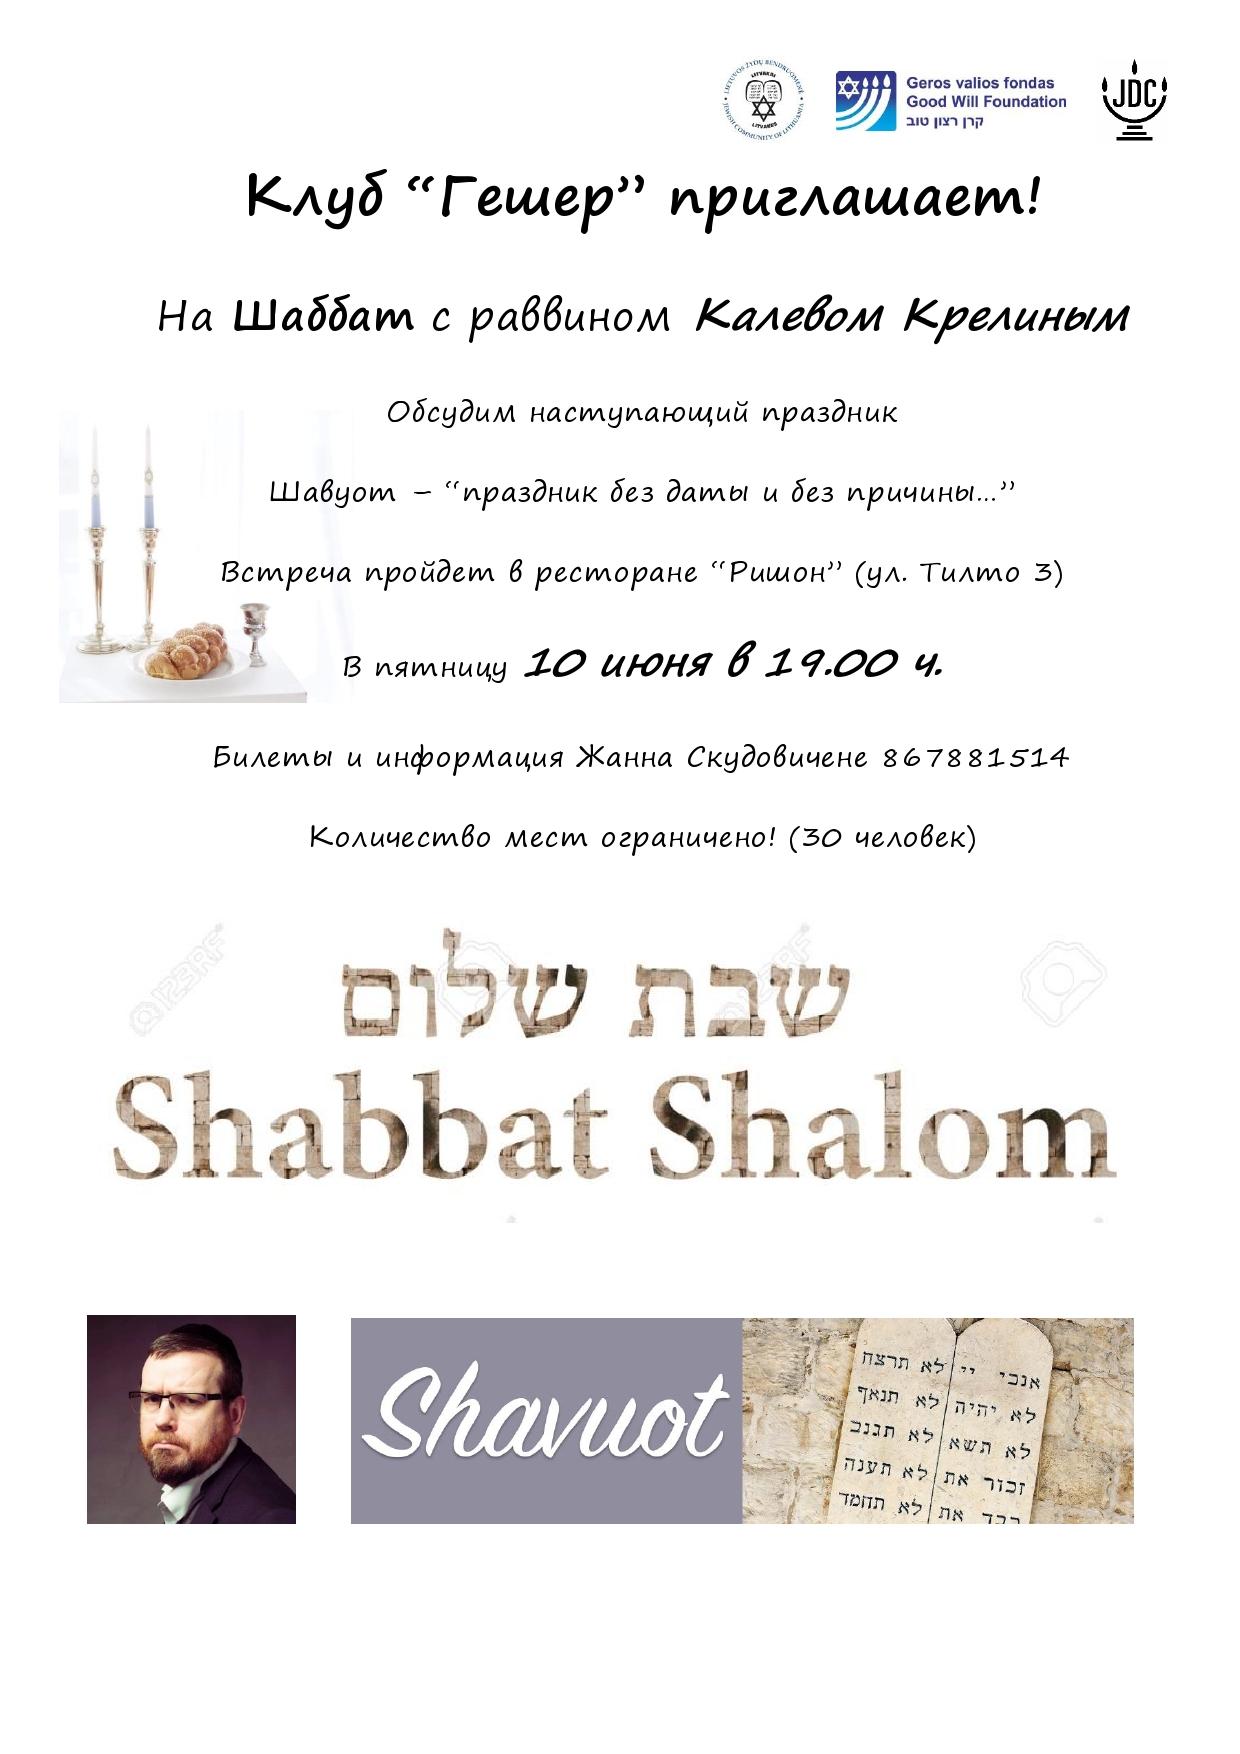 Shabbat Geser s Krelinim